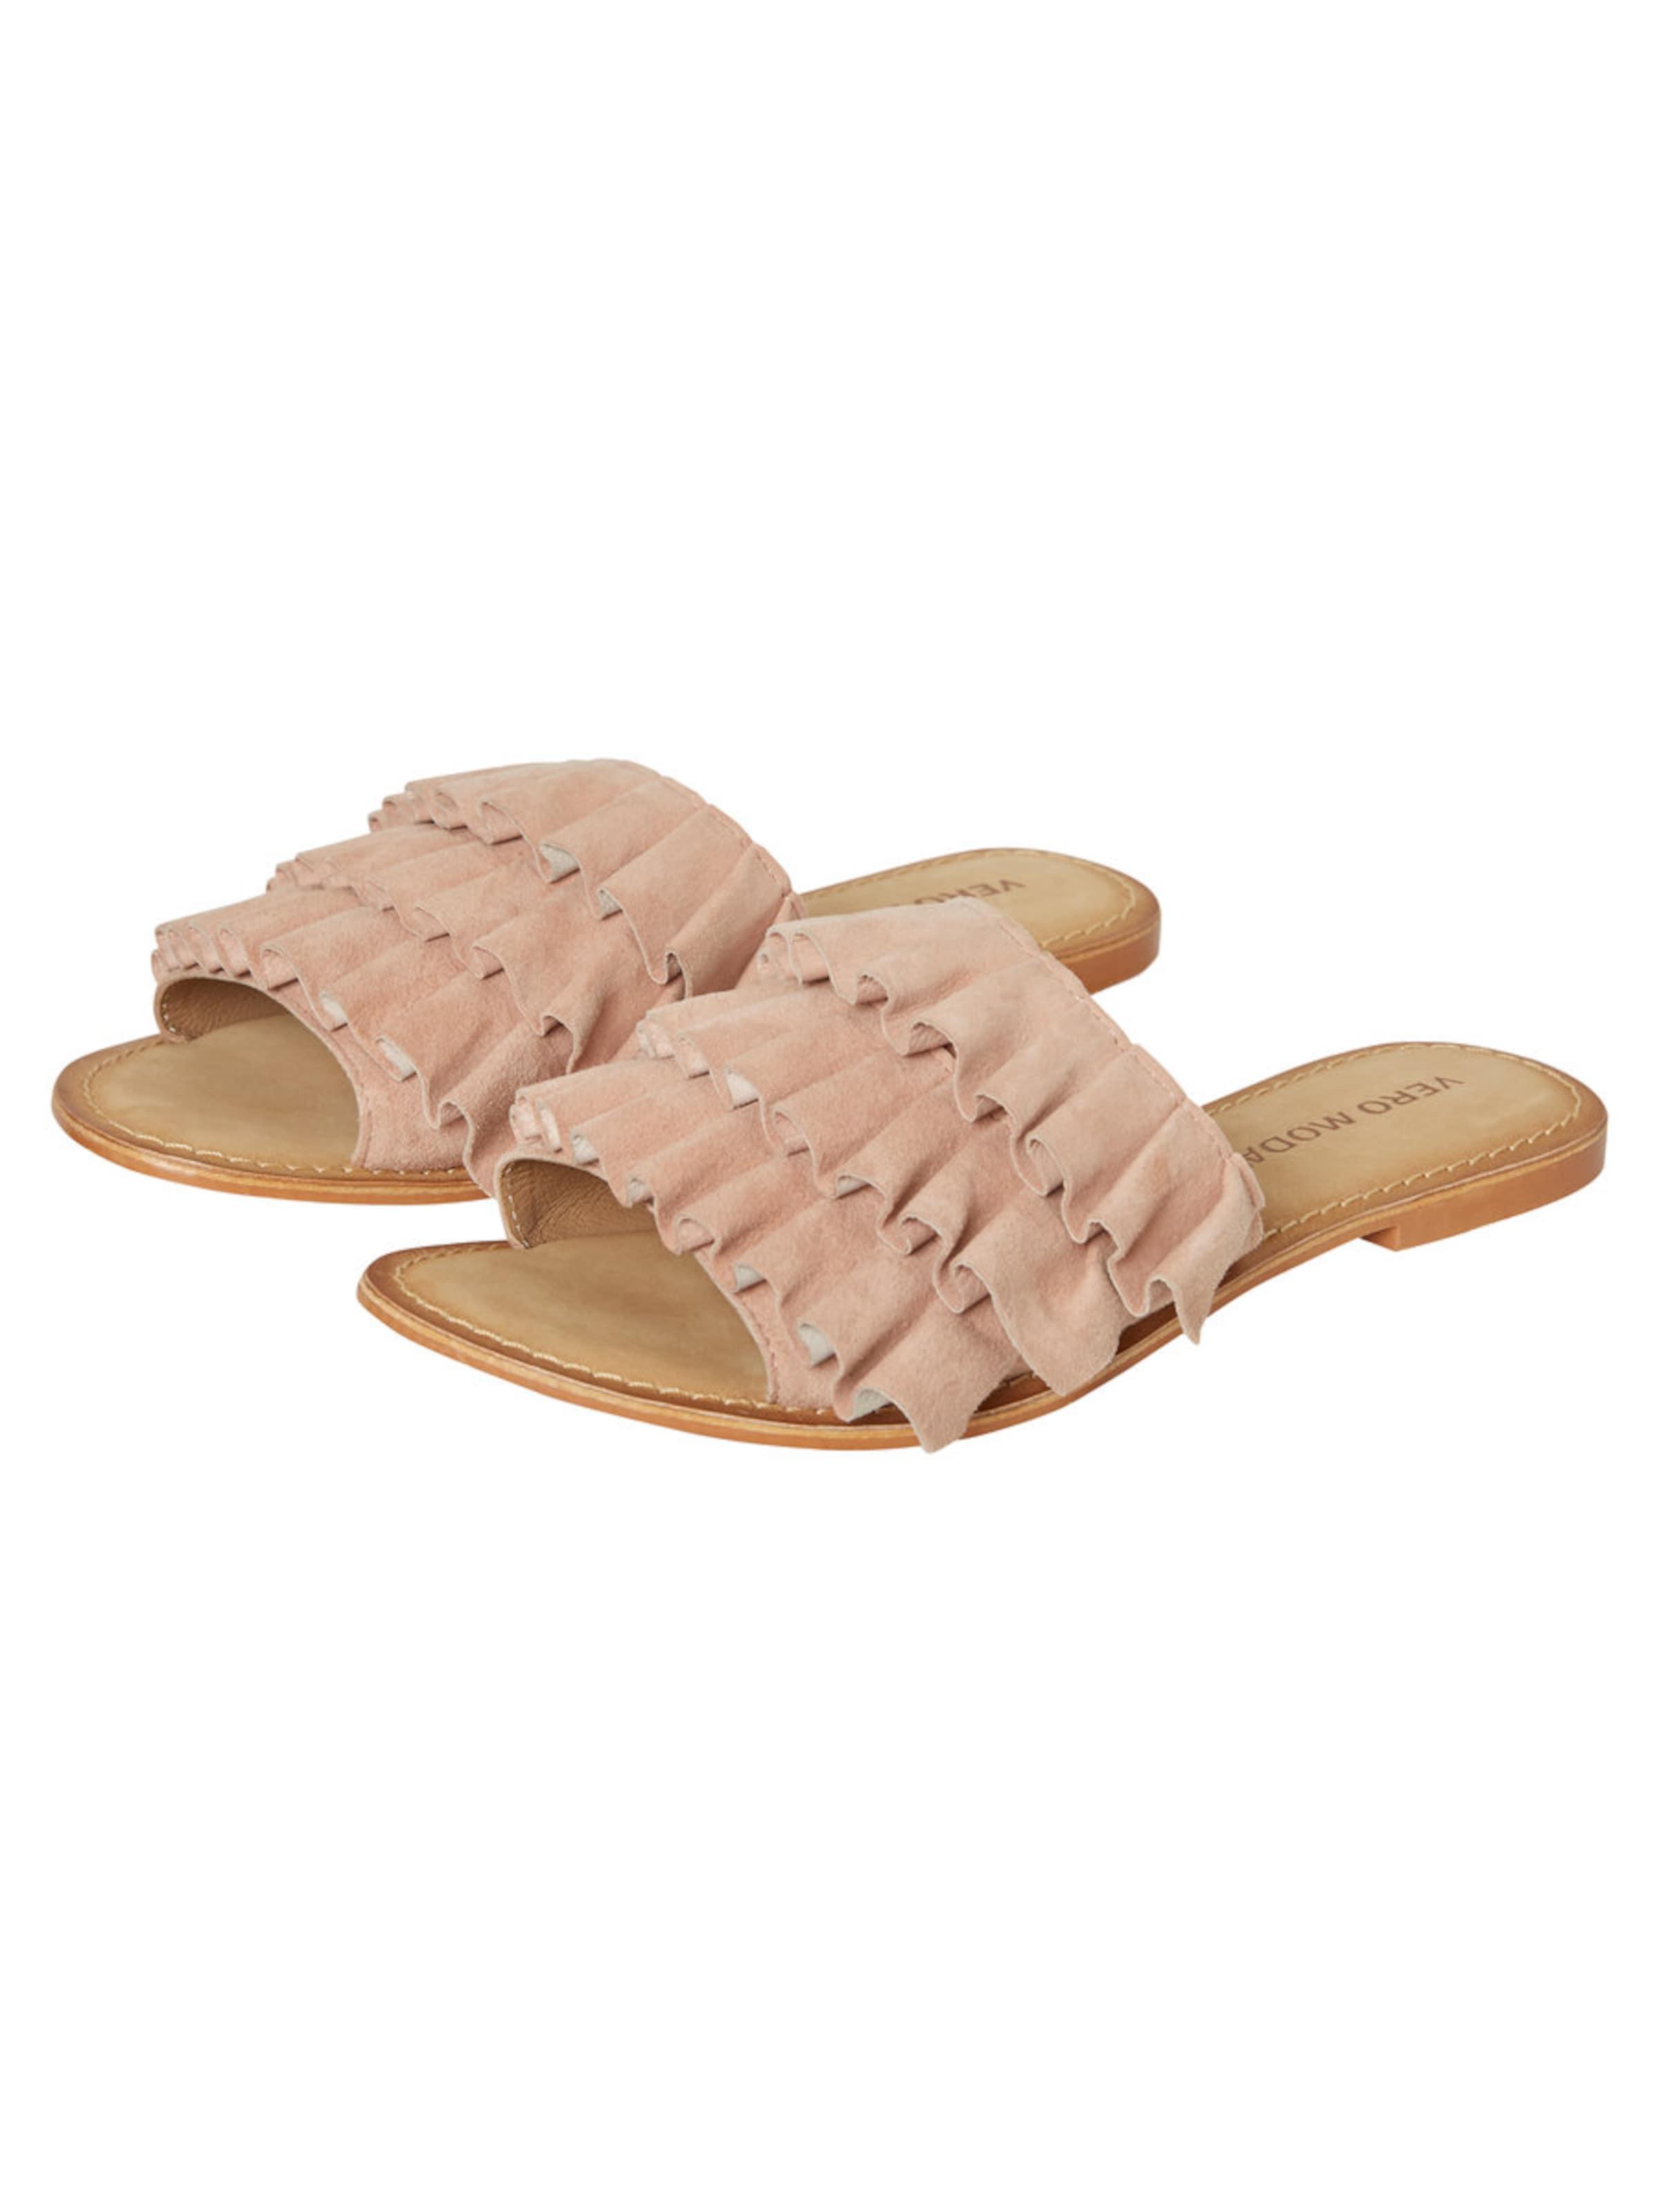 VERO MODA Wildleder Sandalen Kostengünstig Angebote Online-Verkauf Verkauf Manchester Neu NbsFf1uk